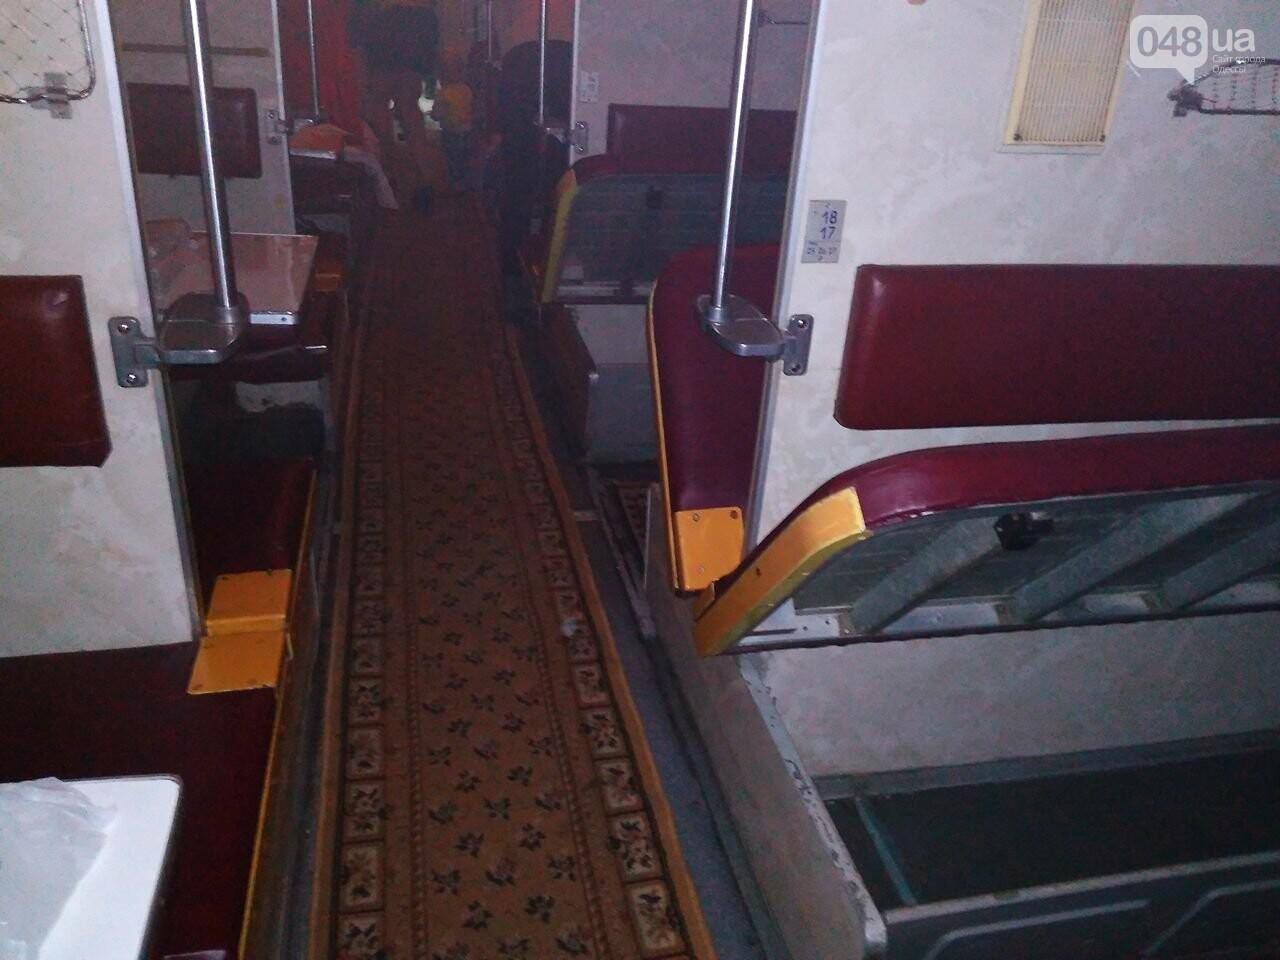 Одесситов возят в Днепр грязные и темные вагоны  (ФОТО) , фото-6